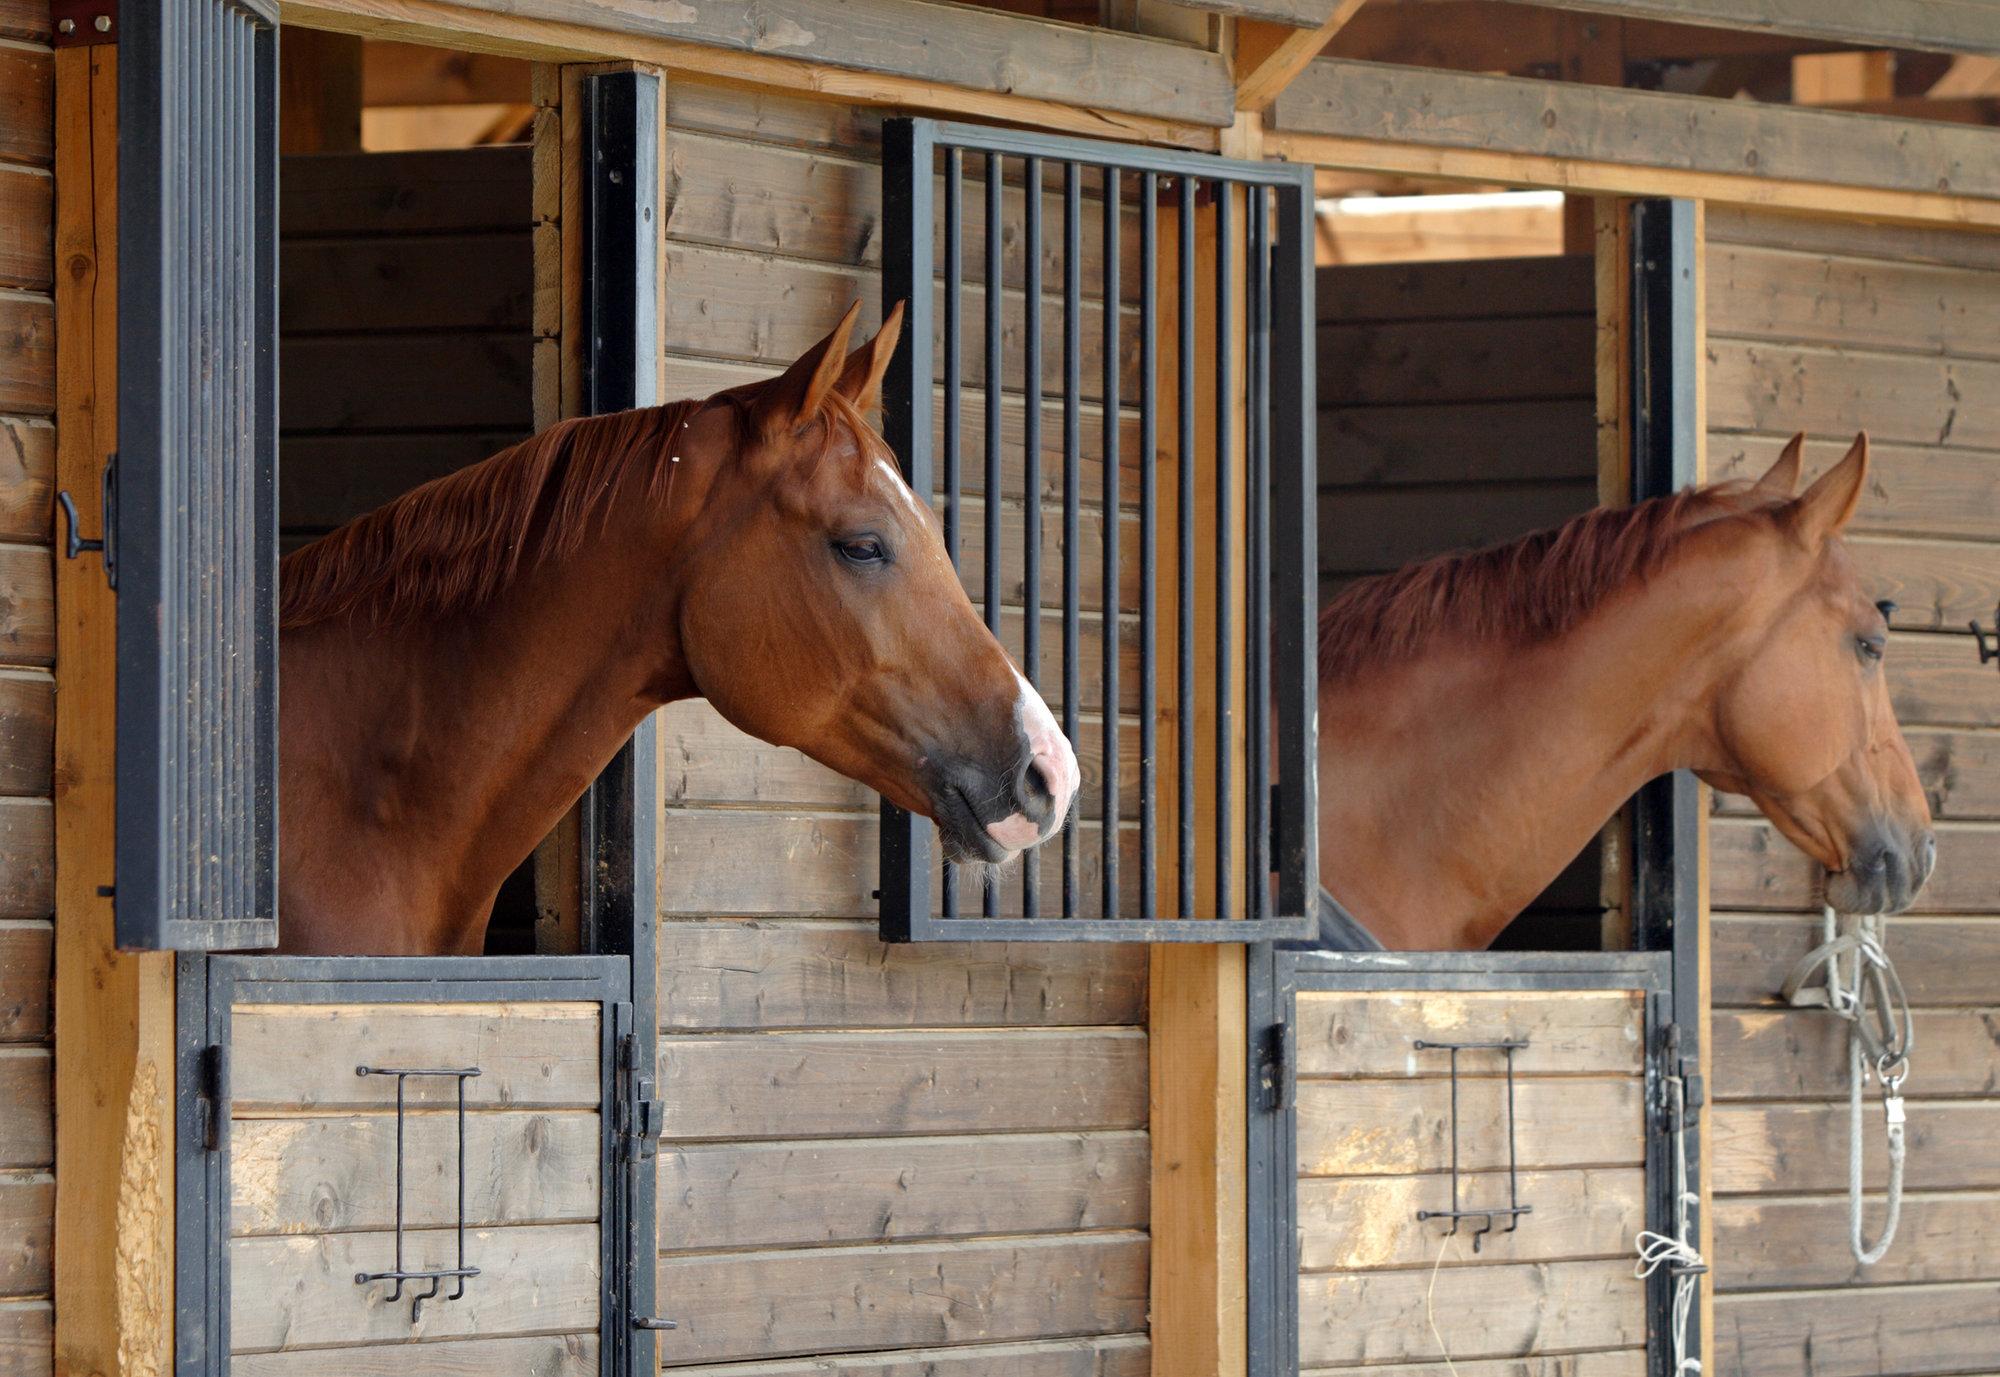 Equestrian Horse property Colorado